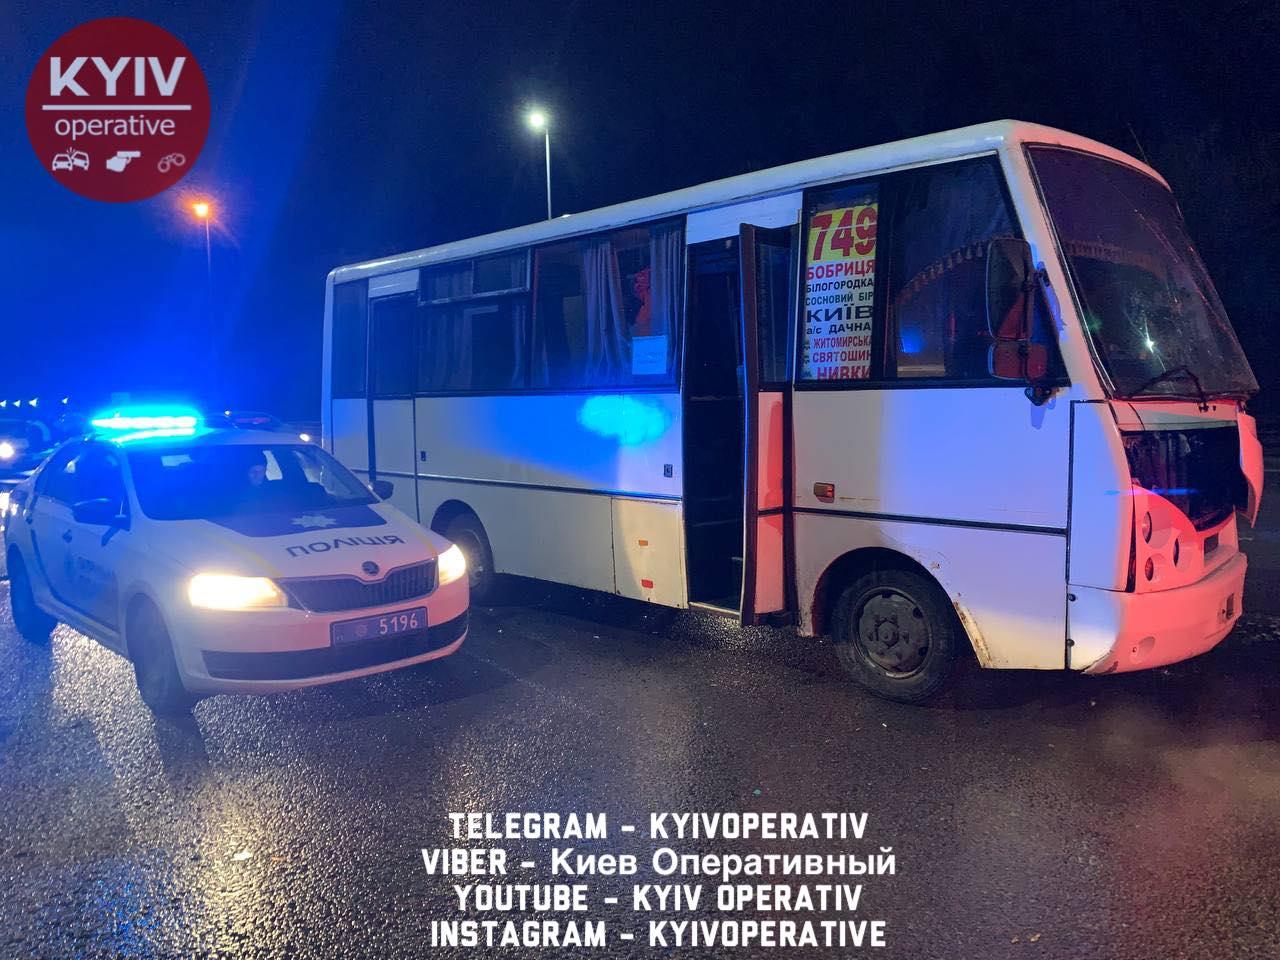 Мікроавтобус врізався у маршрутку: аварія на Житомирській трасі -  - 146062527 1194511254278292 2775737918901371971 o